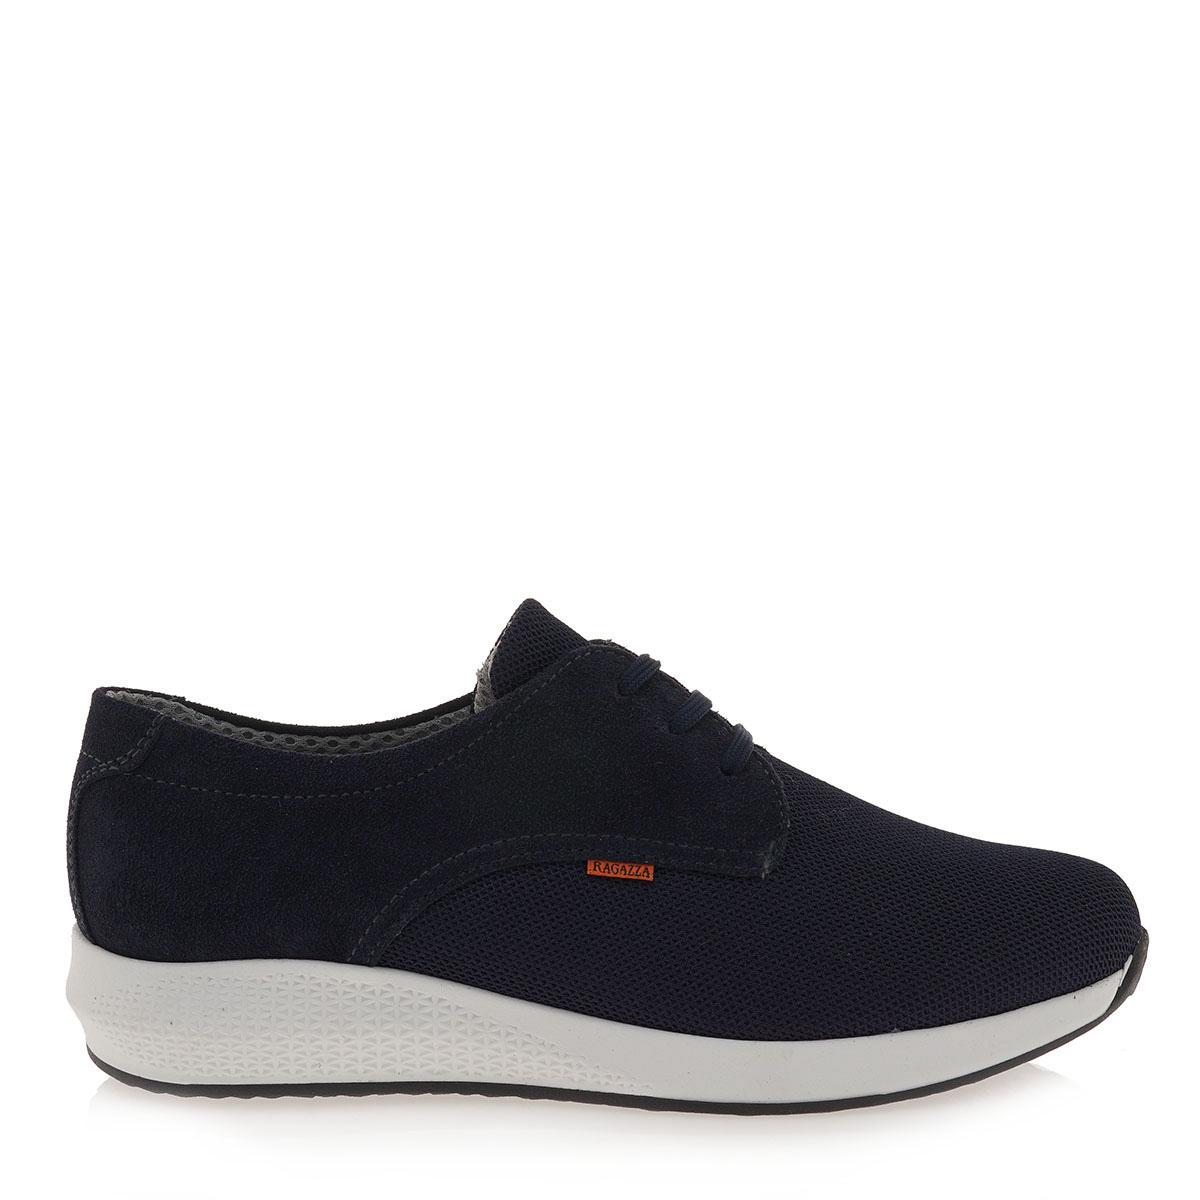 LACE-UP SHOES σχέδιο: I142L3232 γυναικεια   lace up shoes